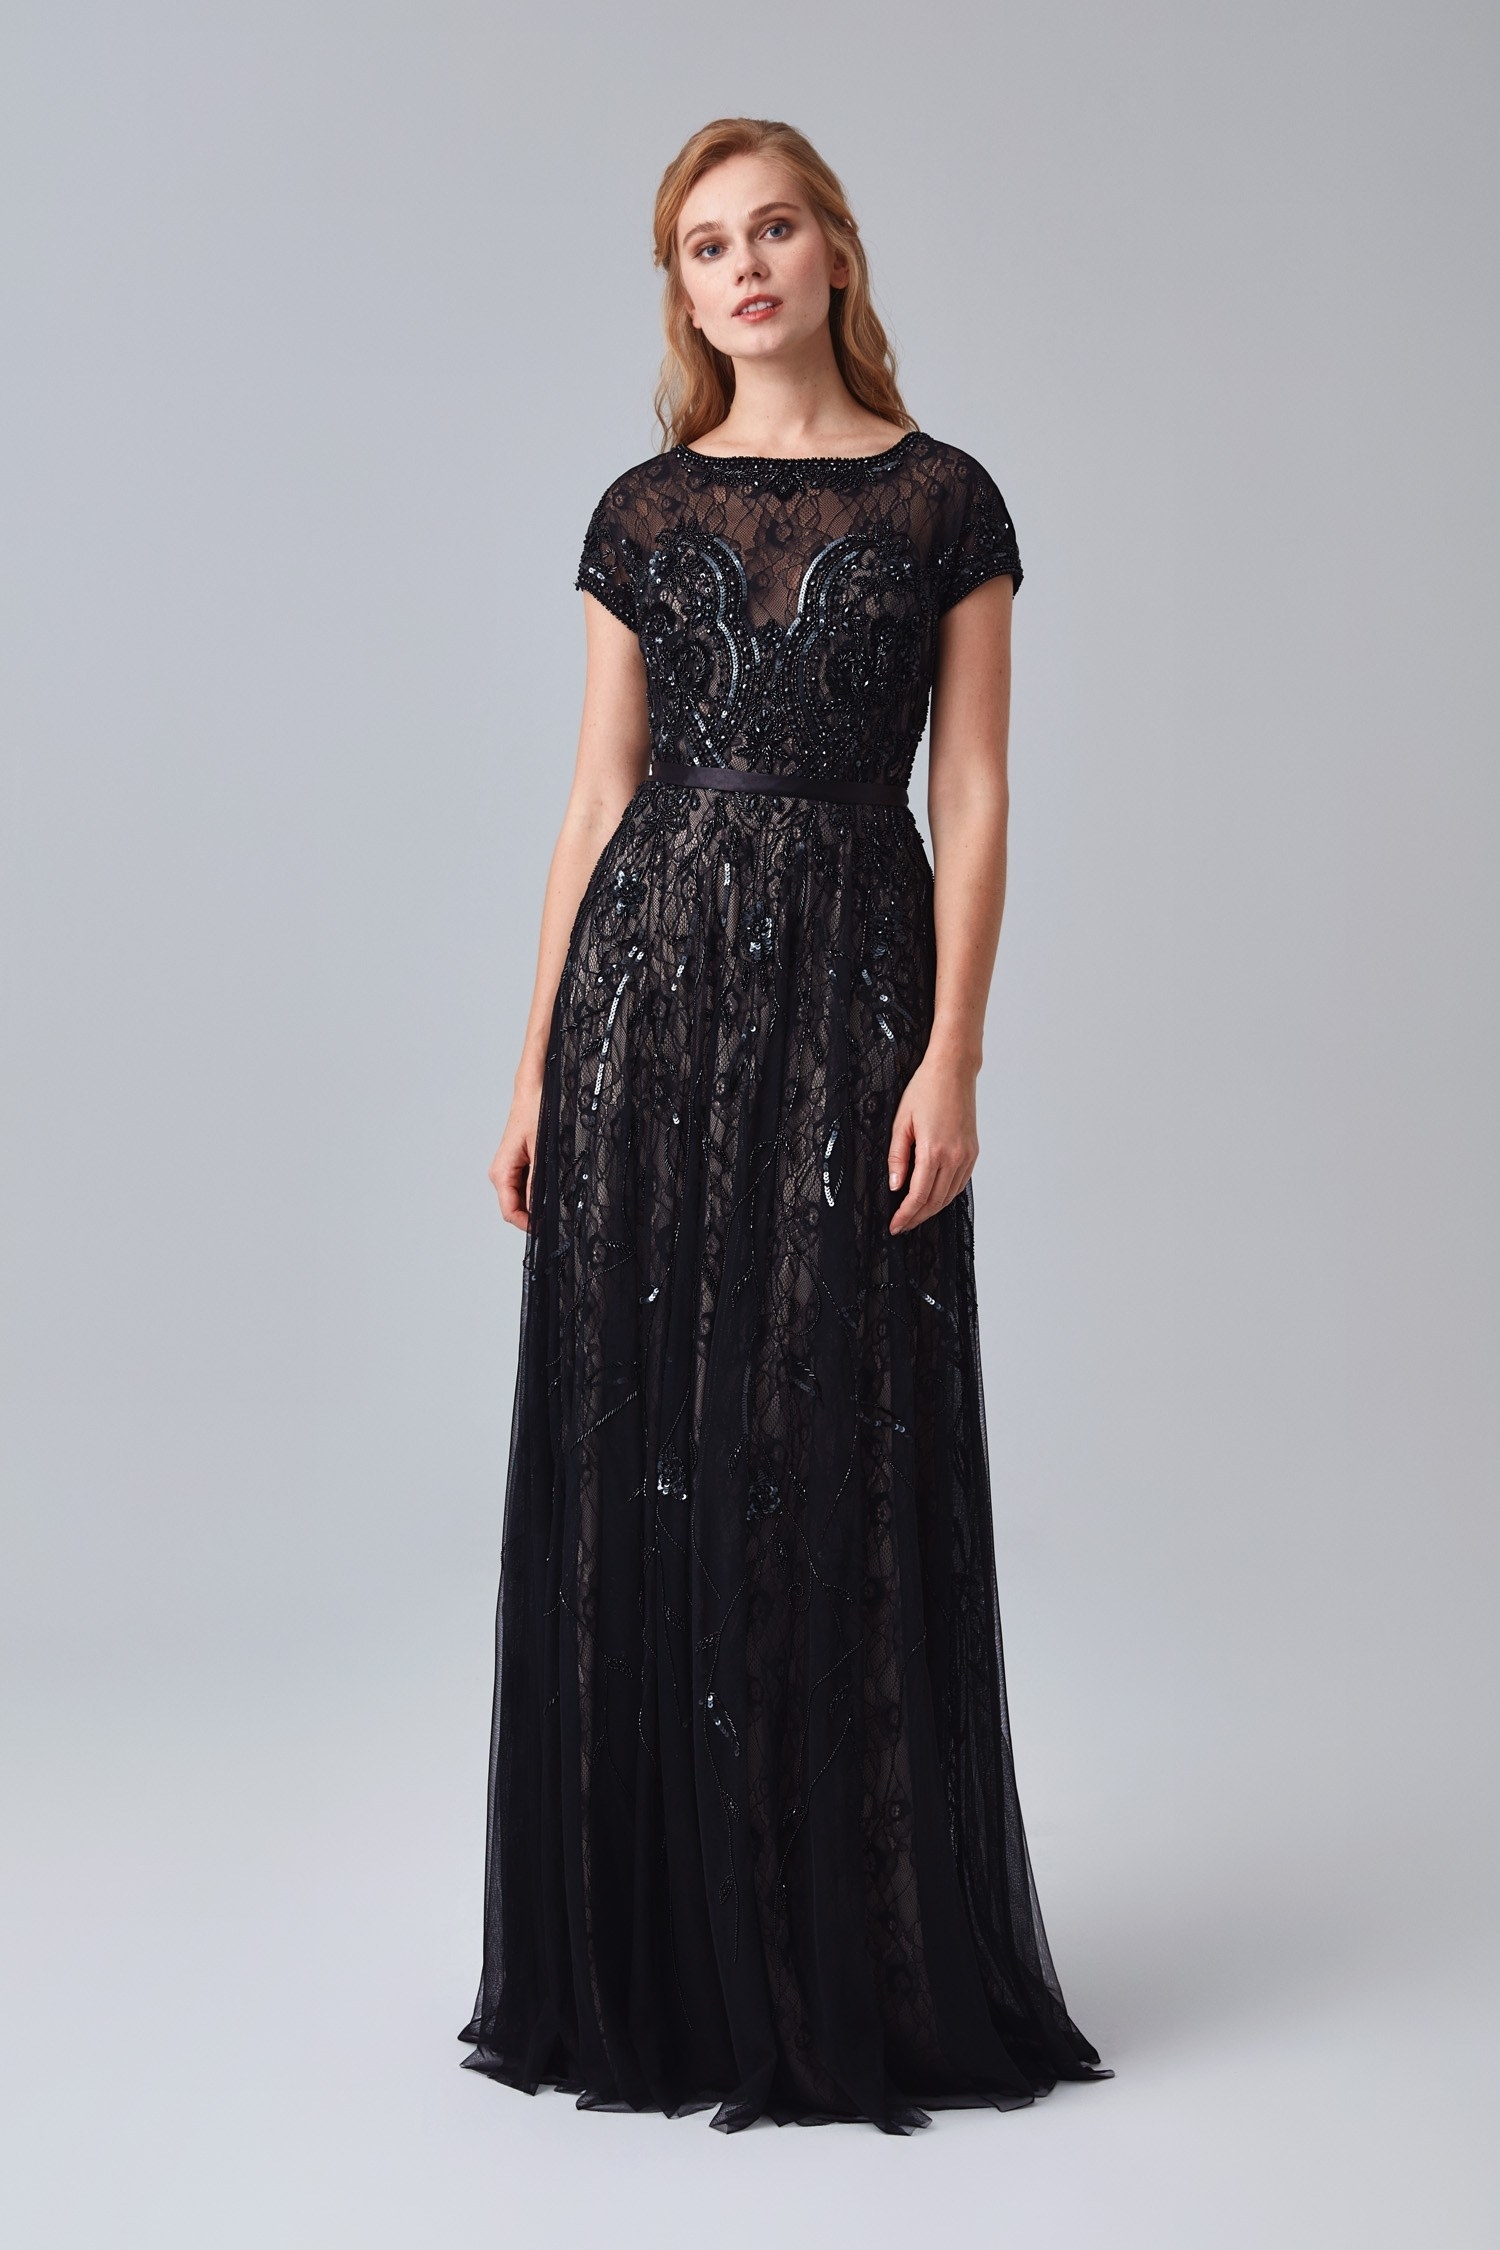 571265d94e5b6 Siyah Kısa Kollu Payetli Uzun Abiye Elbise – Oleg Cassini